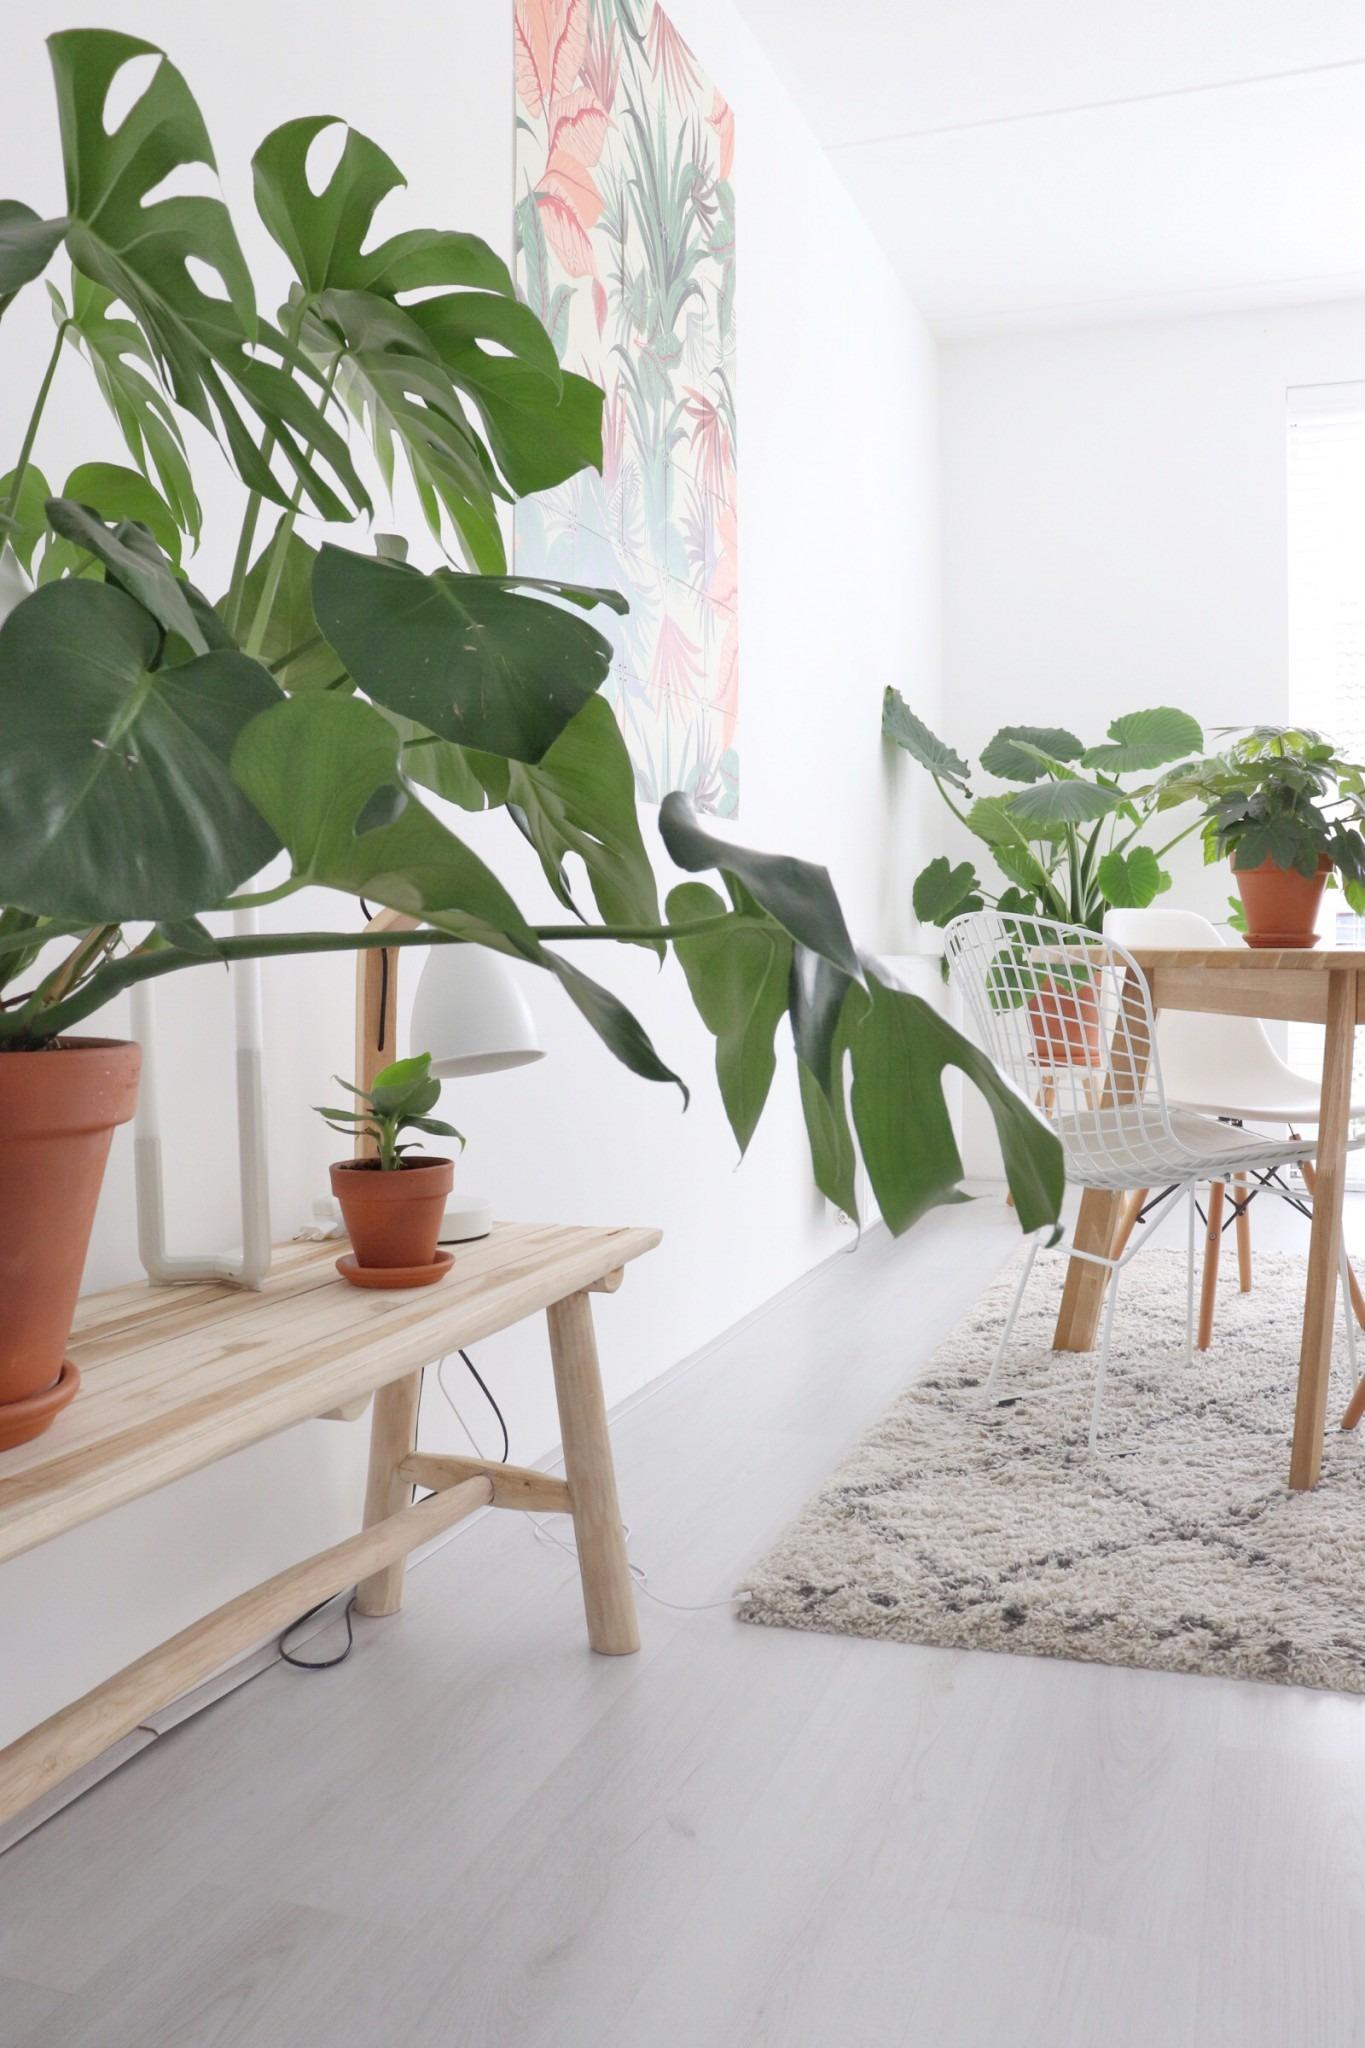 Binnenkijken: de eettafel, IXXI en veel groene planten.